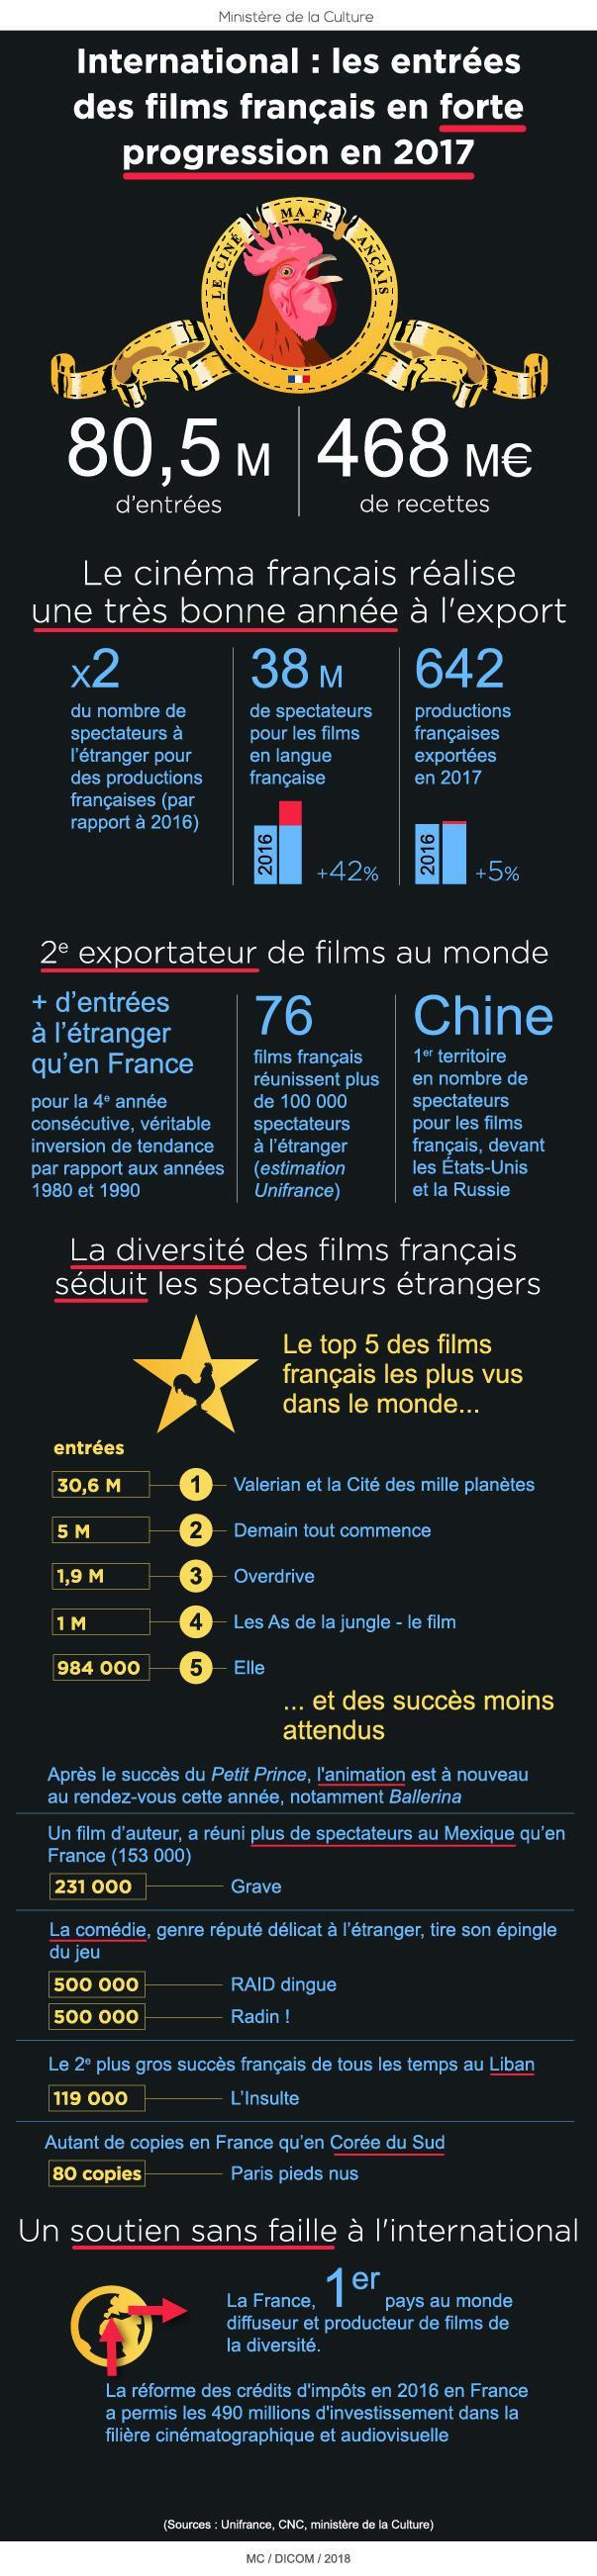 les entrées des films français en forte progression en 2017